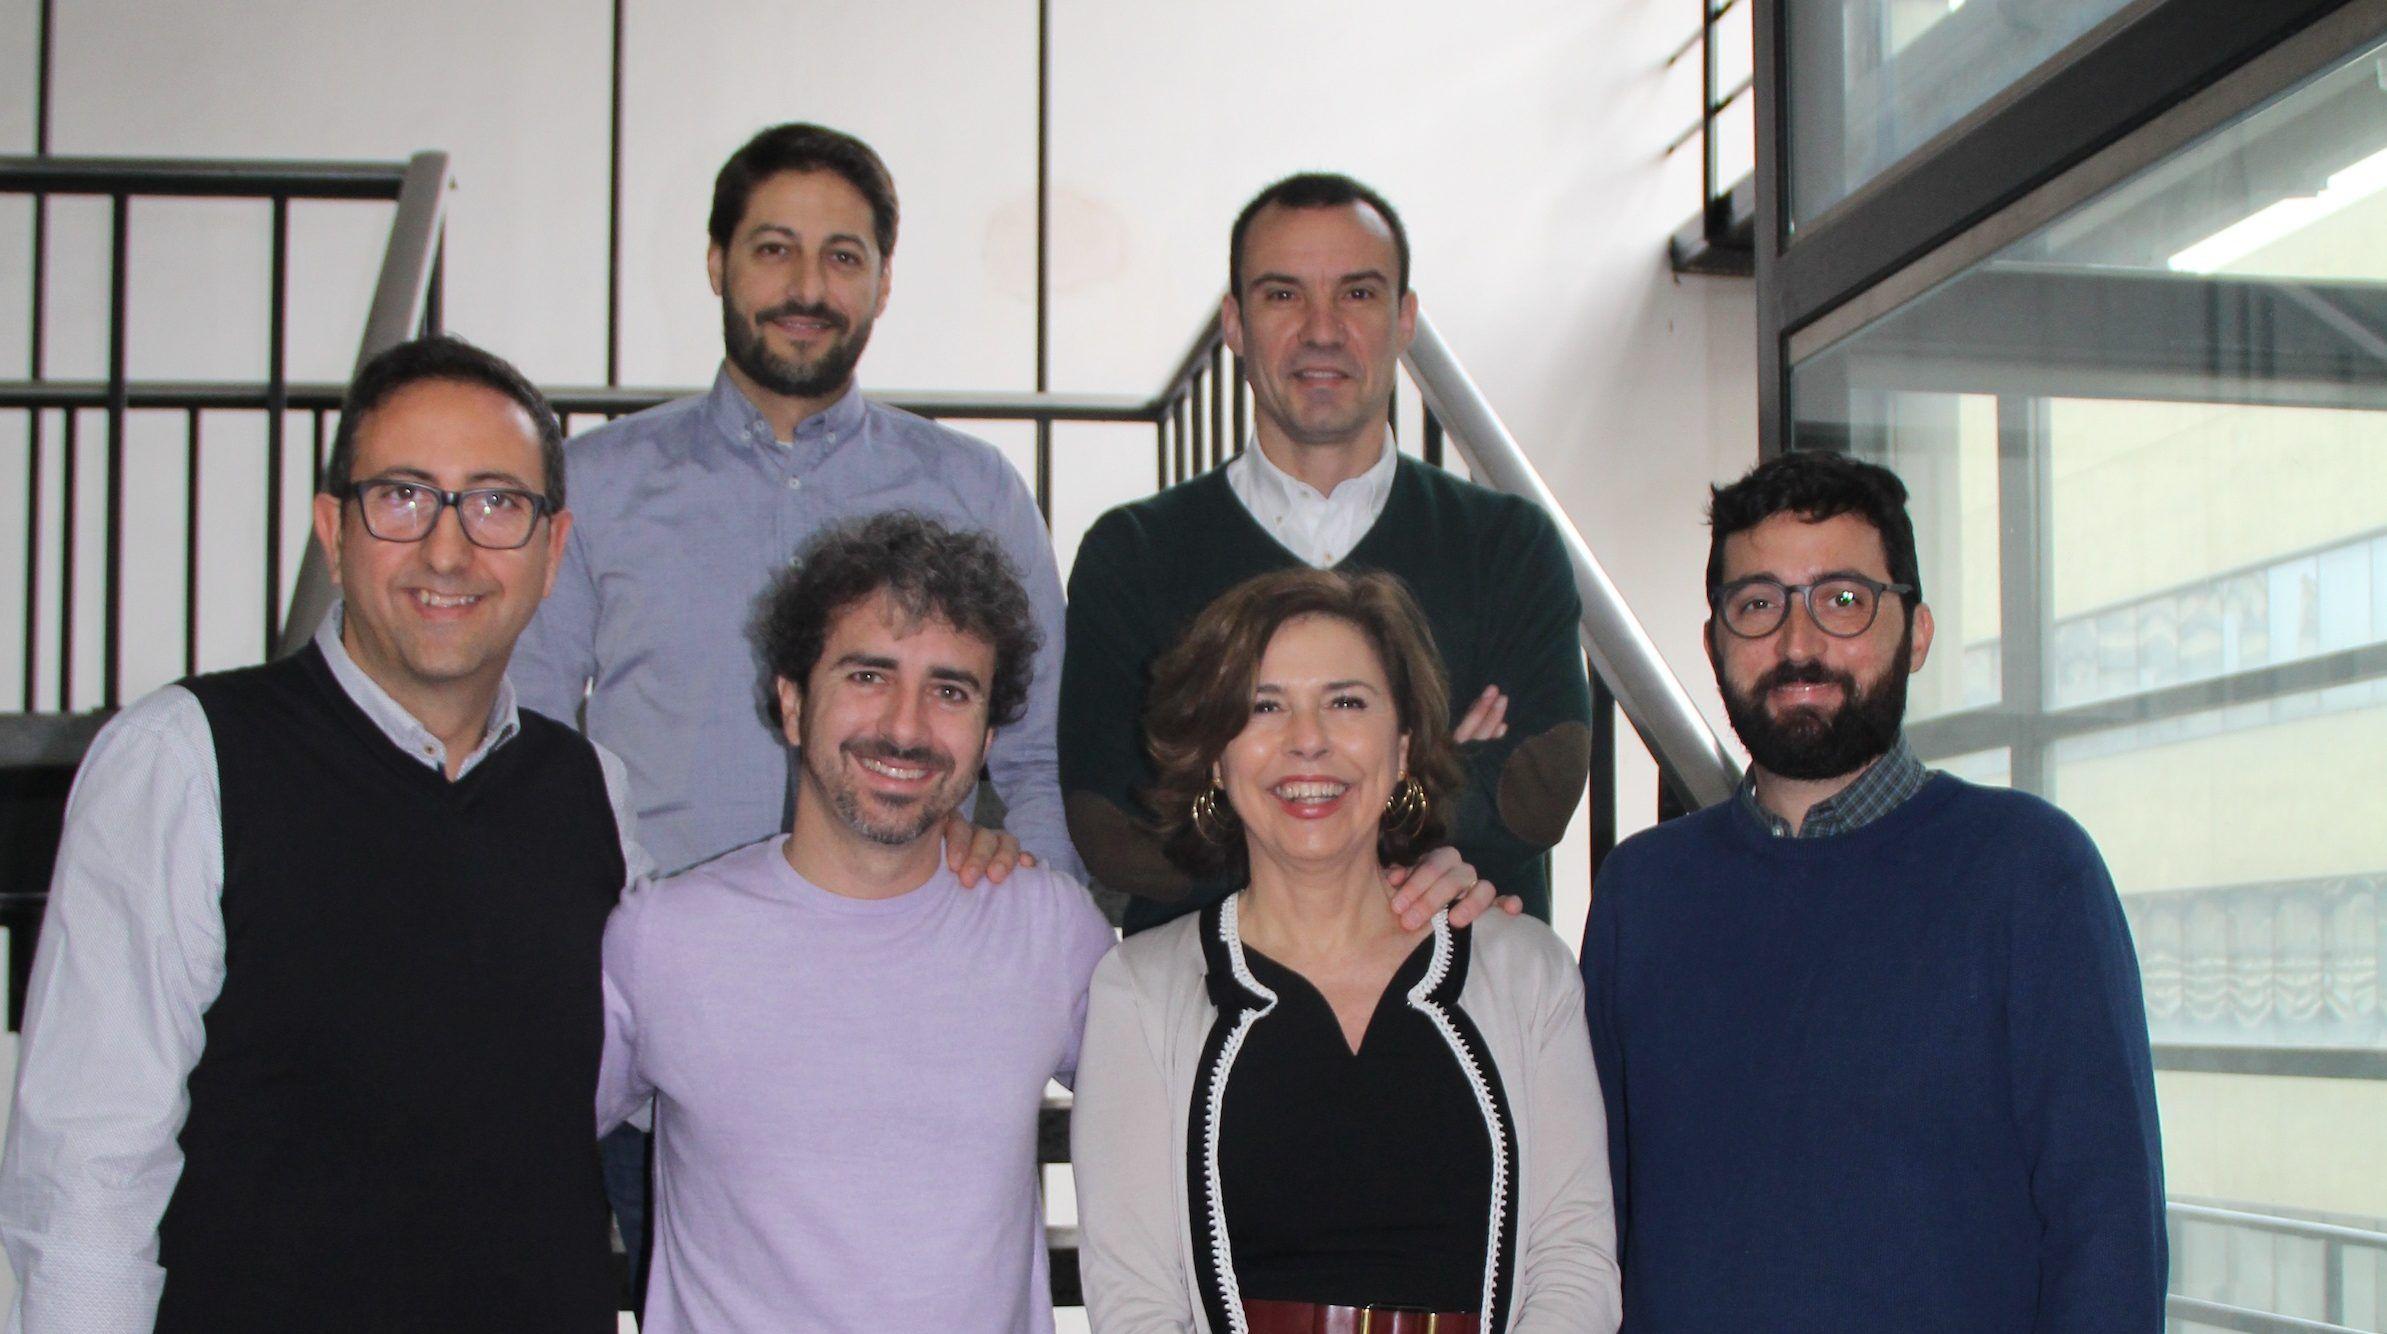 En la imagen, abajo, José Miguel Soria (CEU-UCH), Xavier Cortés (Hospital Sagunto), Rosa Baño (UV) y Ausiàs Cebolla (UV); arriba, Rafael González (CEU-UCH) y Juan Francisco Lisón (CEU-UCH).